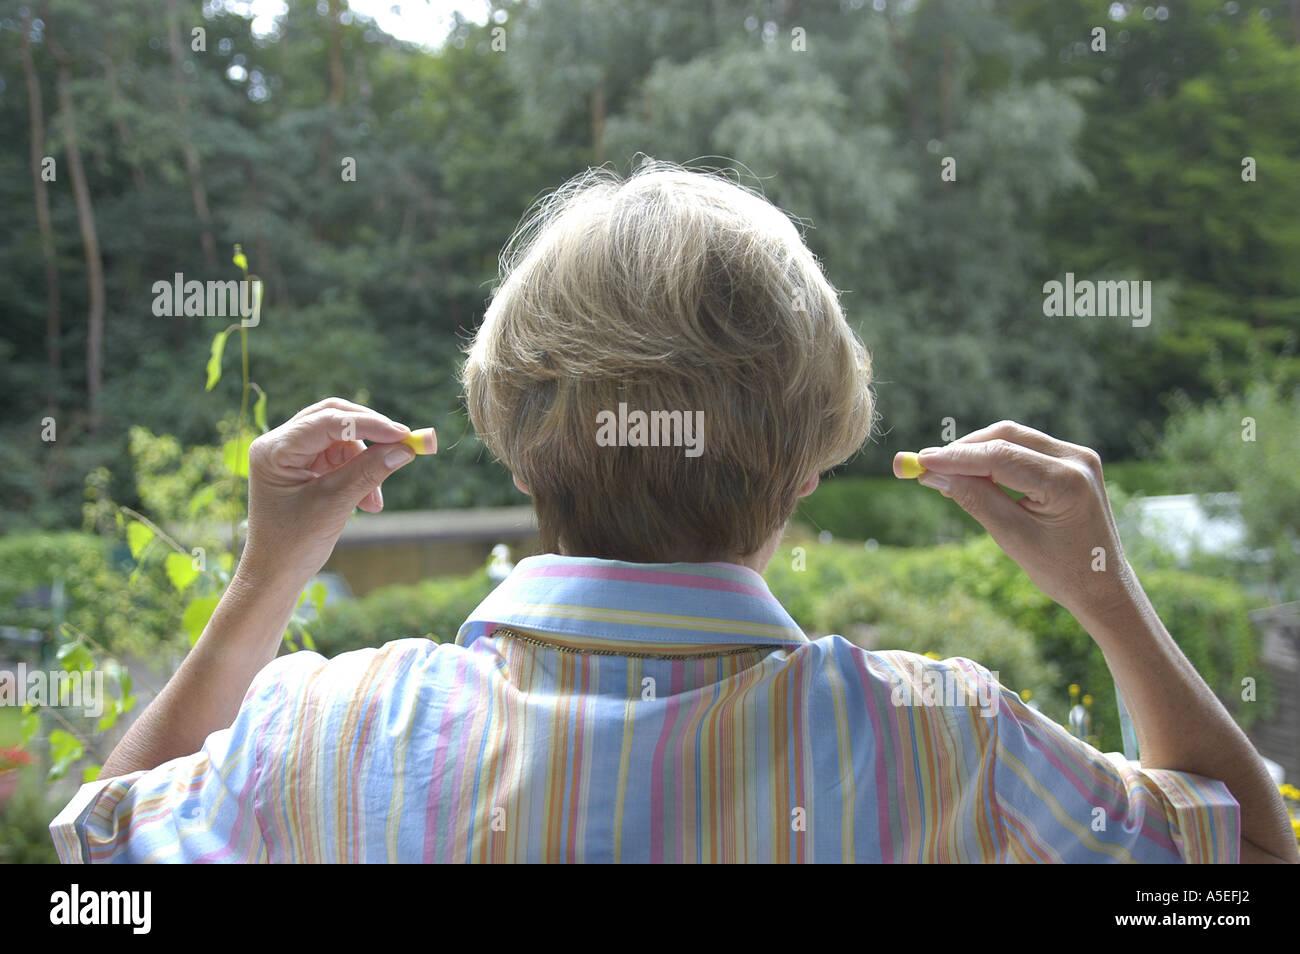 Frau, dehnen, strecken, Arme, Schmerz, Beweglichkeit, Gesundheit, - Stock Image